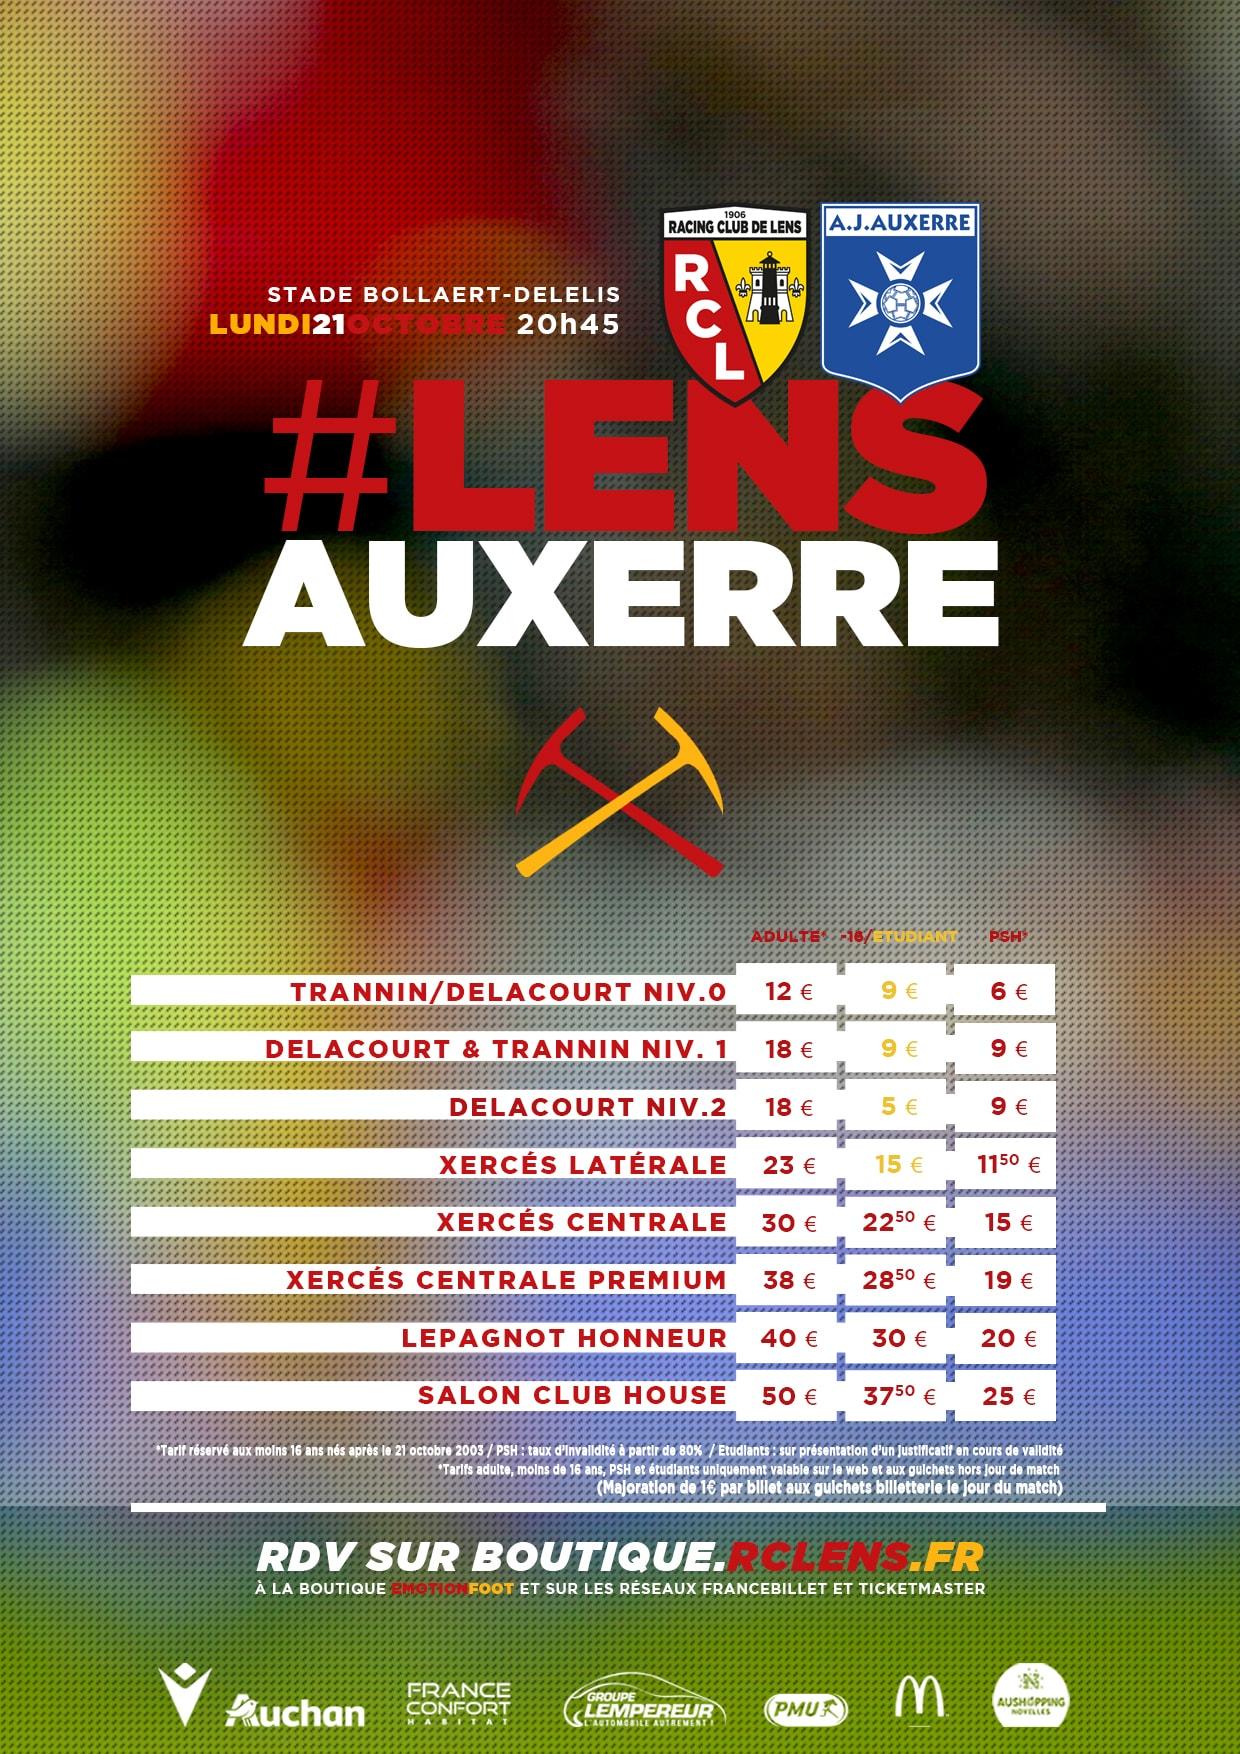 Assistez à Lens - Auxerre billetterie tarifs rclens